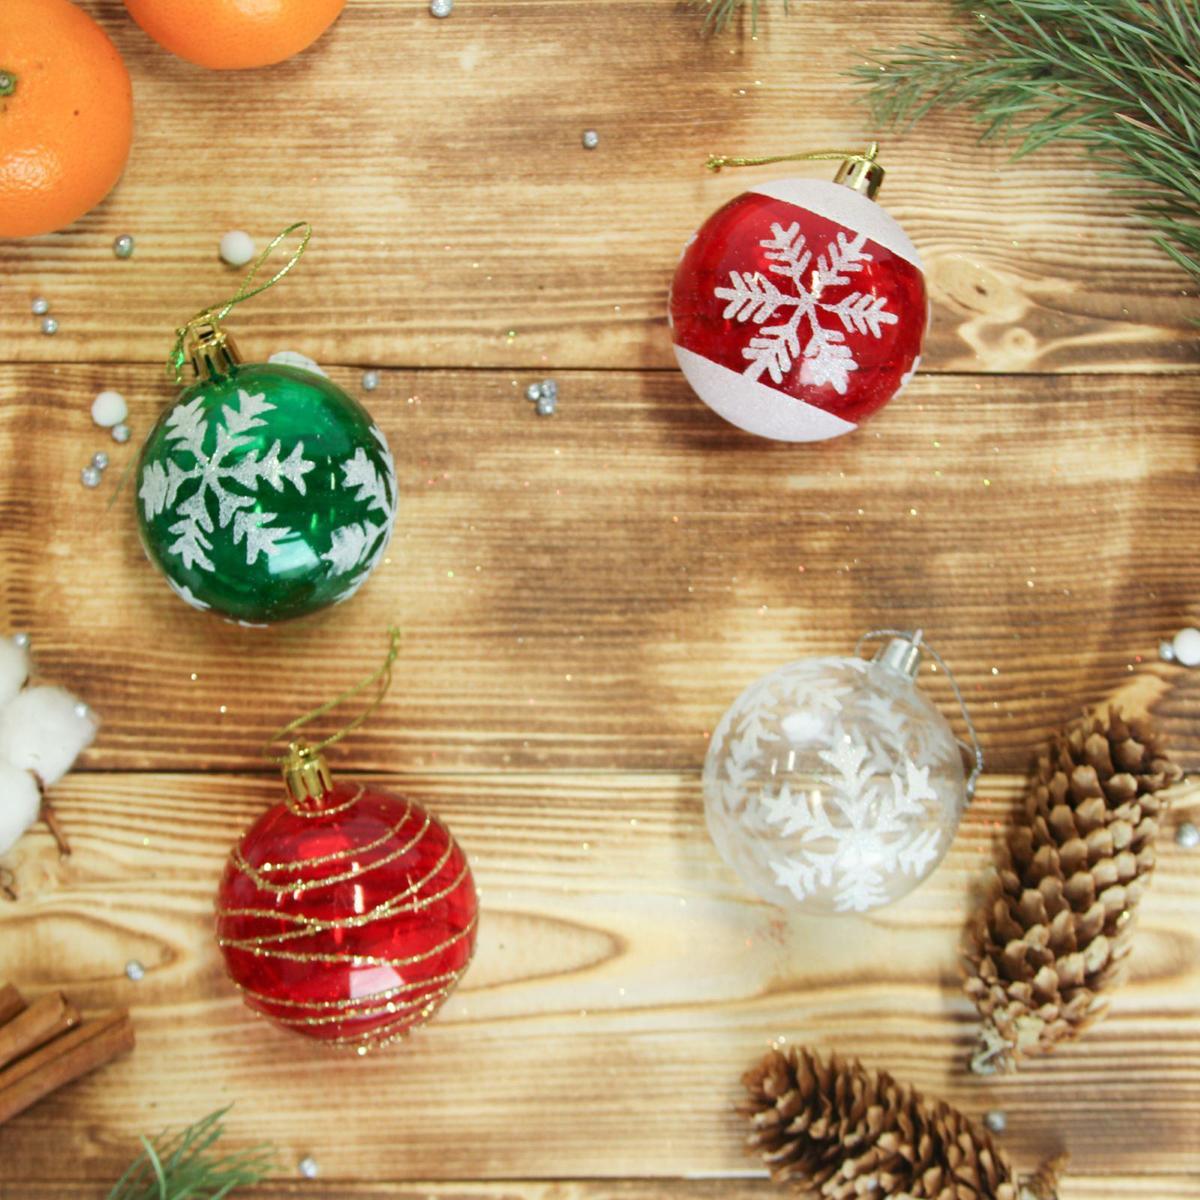 """Новогодние украшения """"Sima-land"""" изготовлены из пластика. Изделия имеют плотный корпус, поэтому не разобьются при падении. Невозможно представить нашу жизнь без праздников! Новогодние украшения несут в себе волшебство и красоту праздника. Создайте в своем доме атмосферу тепла, веселья и радости, украшая его всей семьей.  В наборе 24 штуки."""